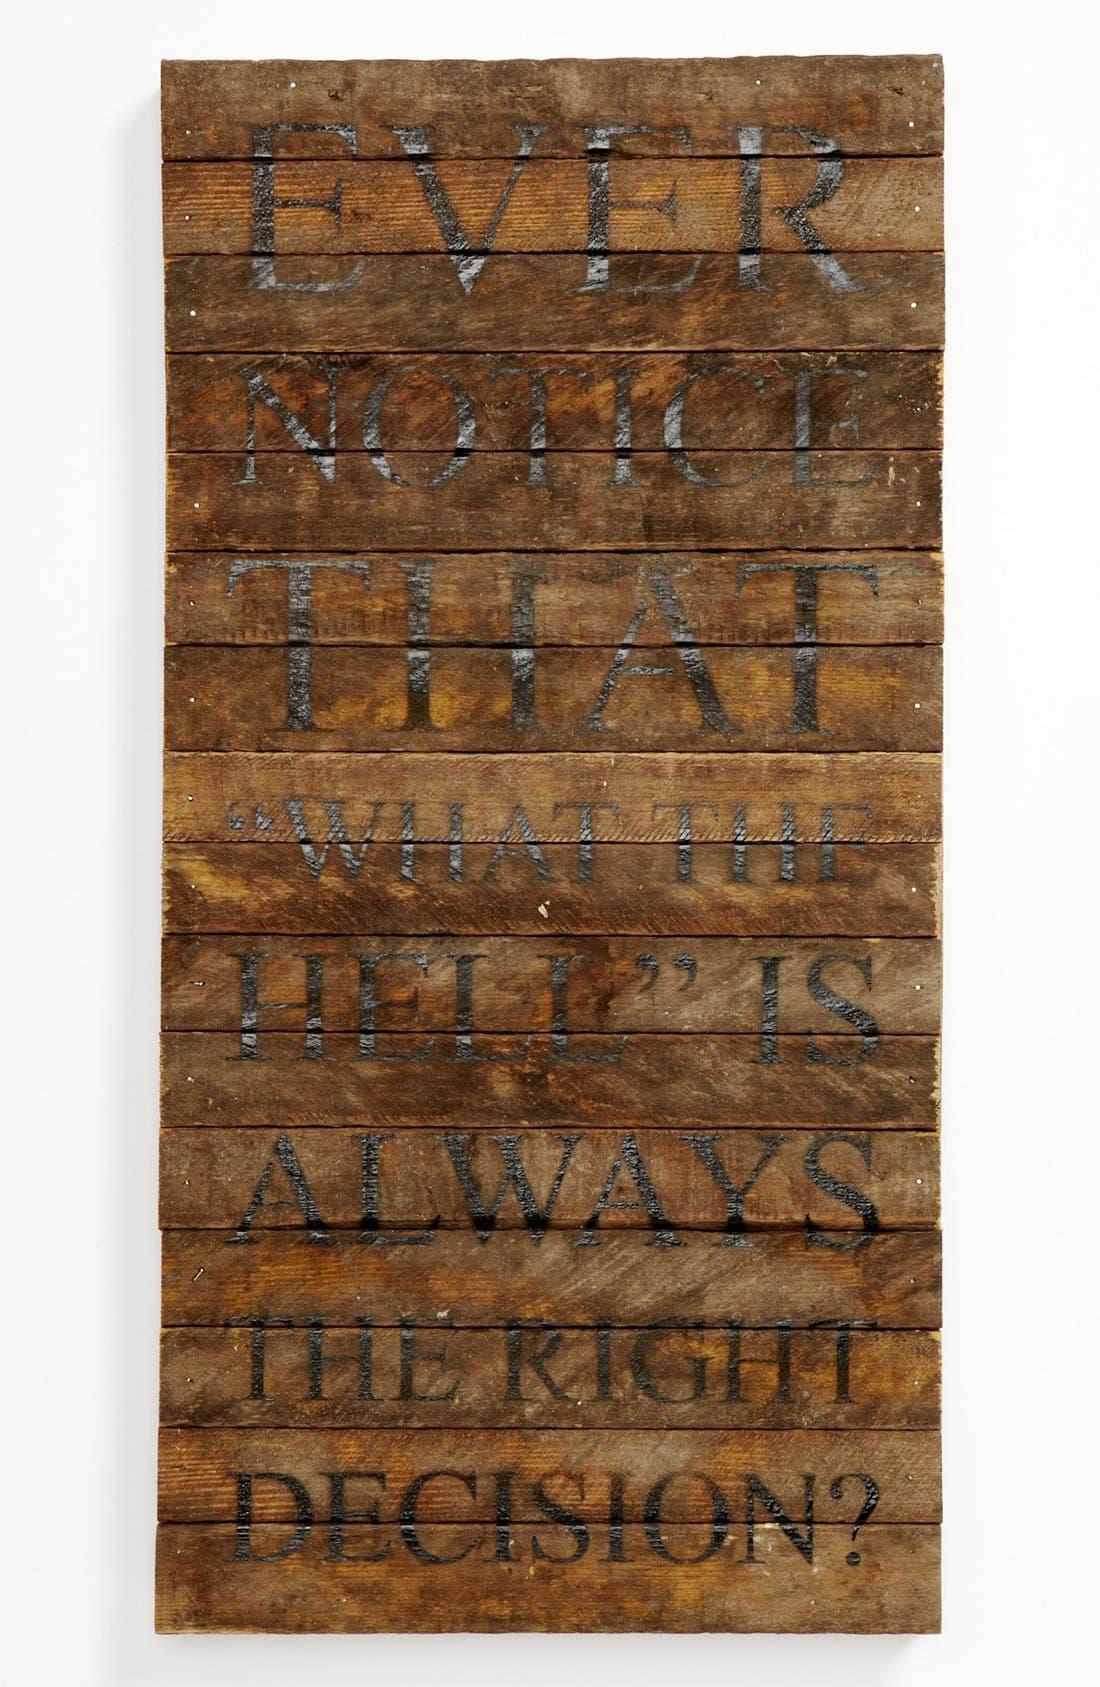 Alternate Image 1 Selected - Repurposed Wood Wall Art